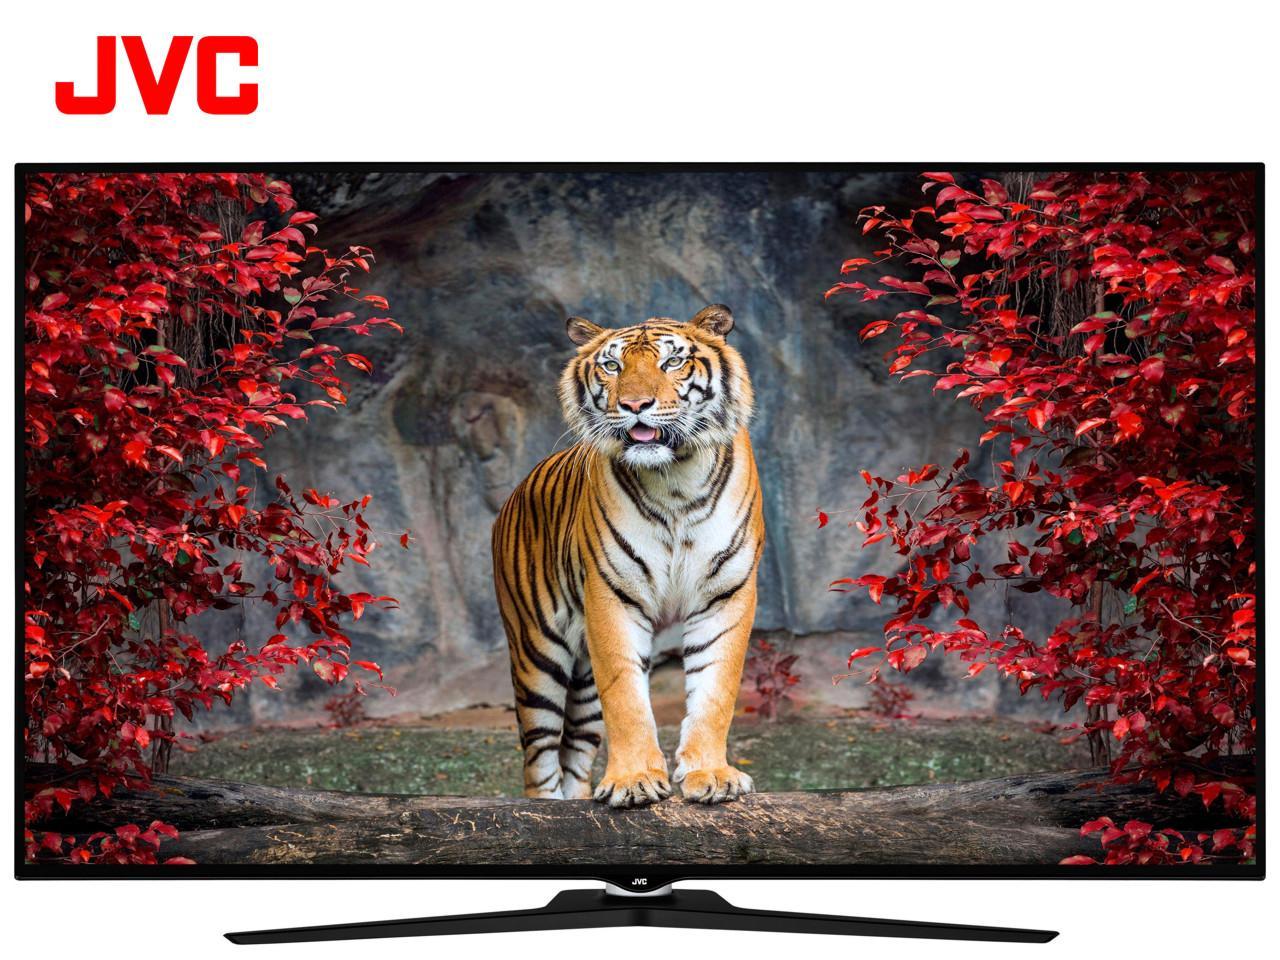 JVC LT-55VU980 + 400 Kč na dárky nebo další nákup | CHAT on-line podpora PO-PÁ 8-22.00!!